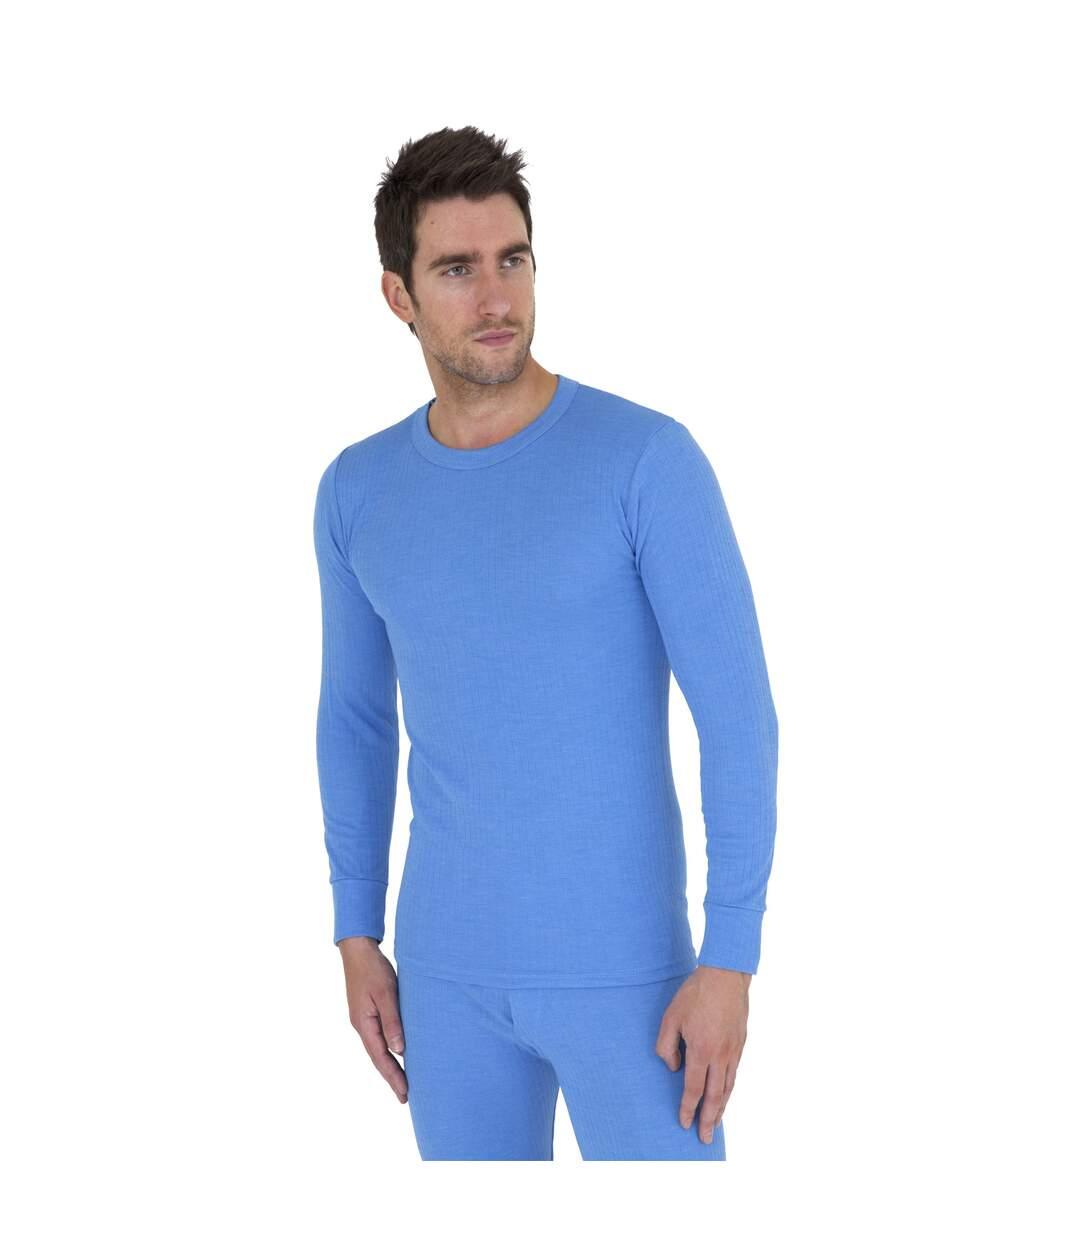 T-shirt thermique à manches longues - Homme (Bleu) - UTTHERM12